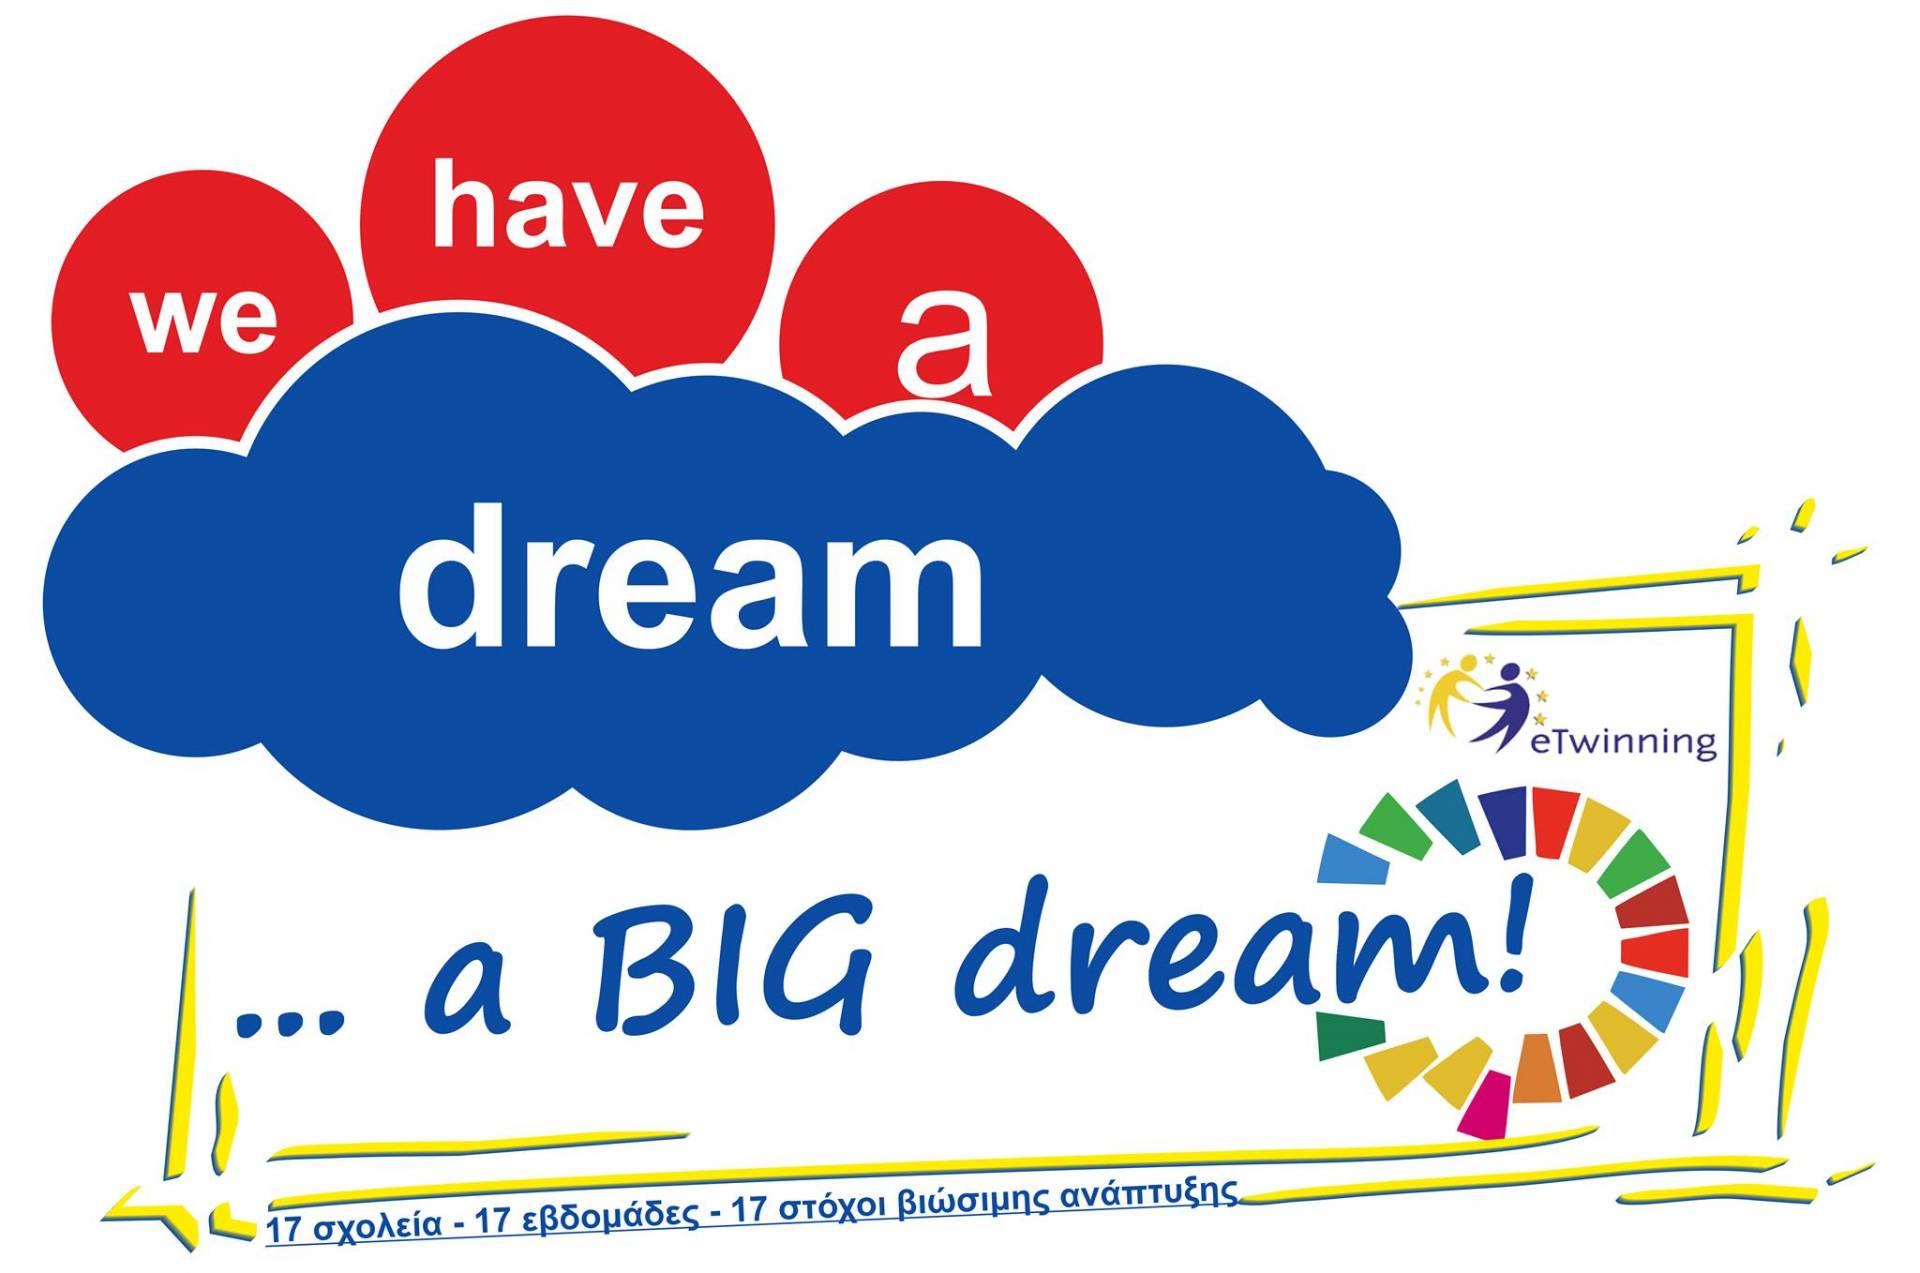 2ο δημοτικό σχολείο Γρεβενών(Γ΄ τάξη): Εκπαιδευτικό πρόγραμμα eTwinning με τίτλο: «we have a dream, a big dream»